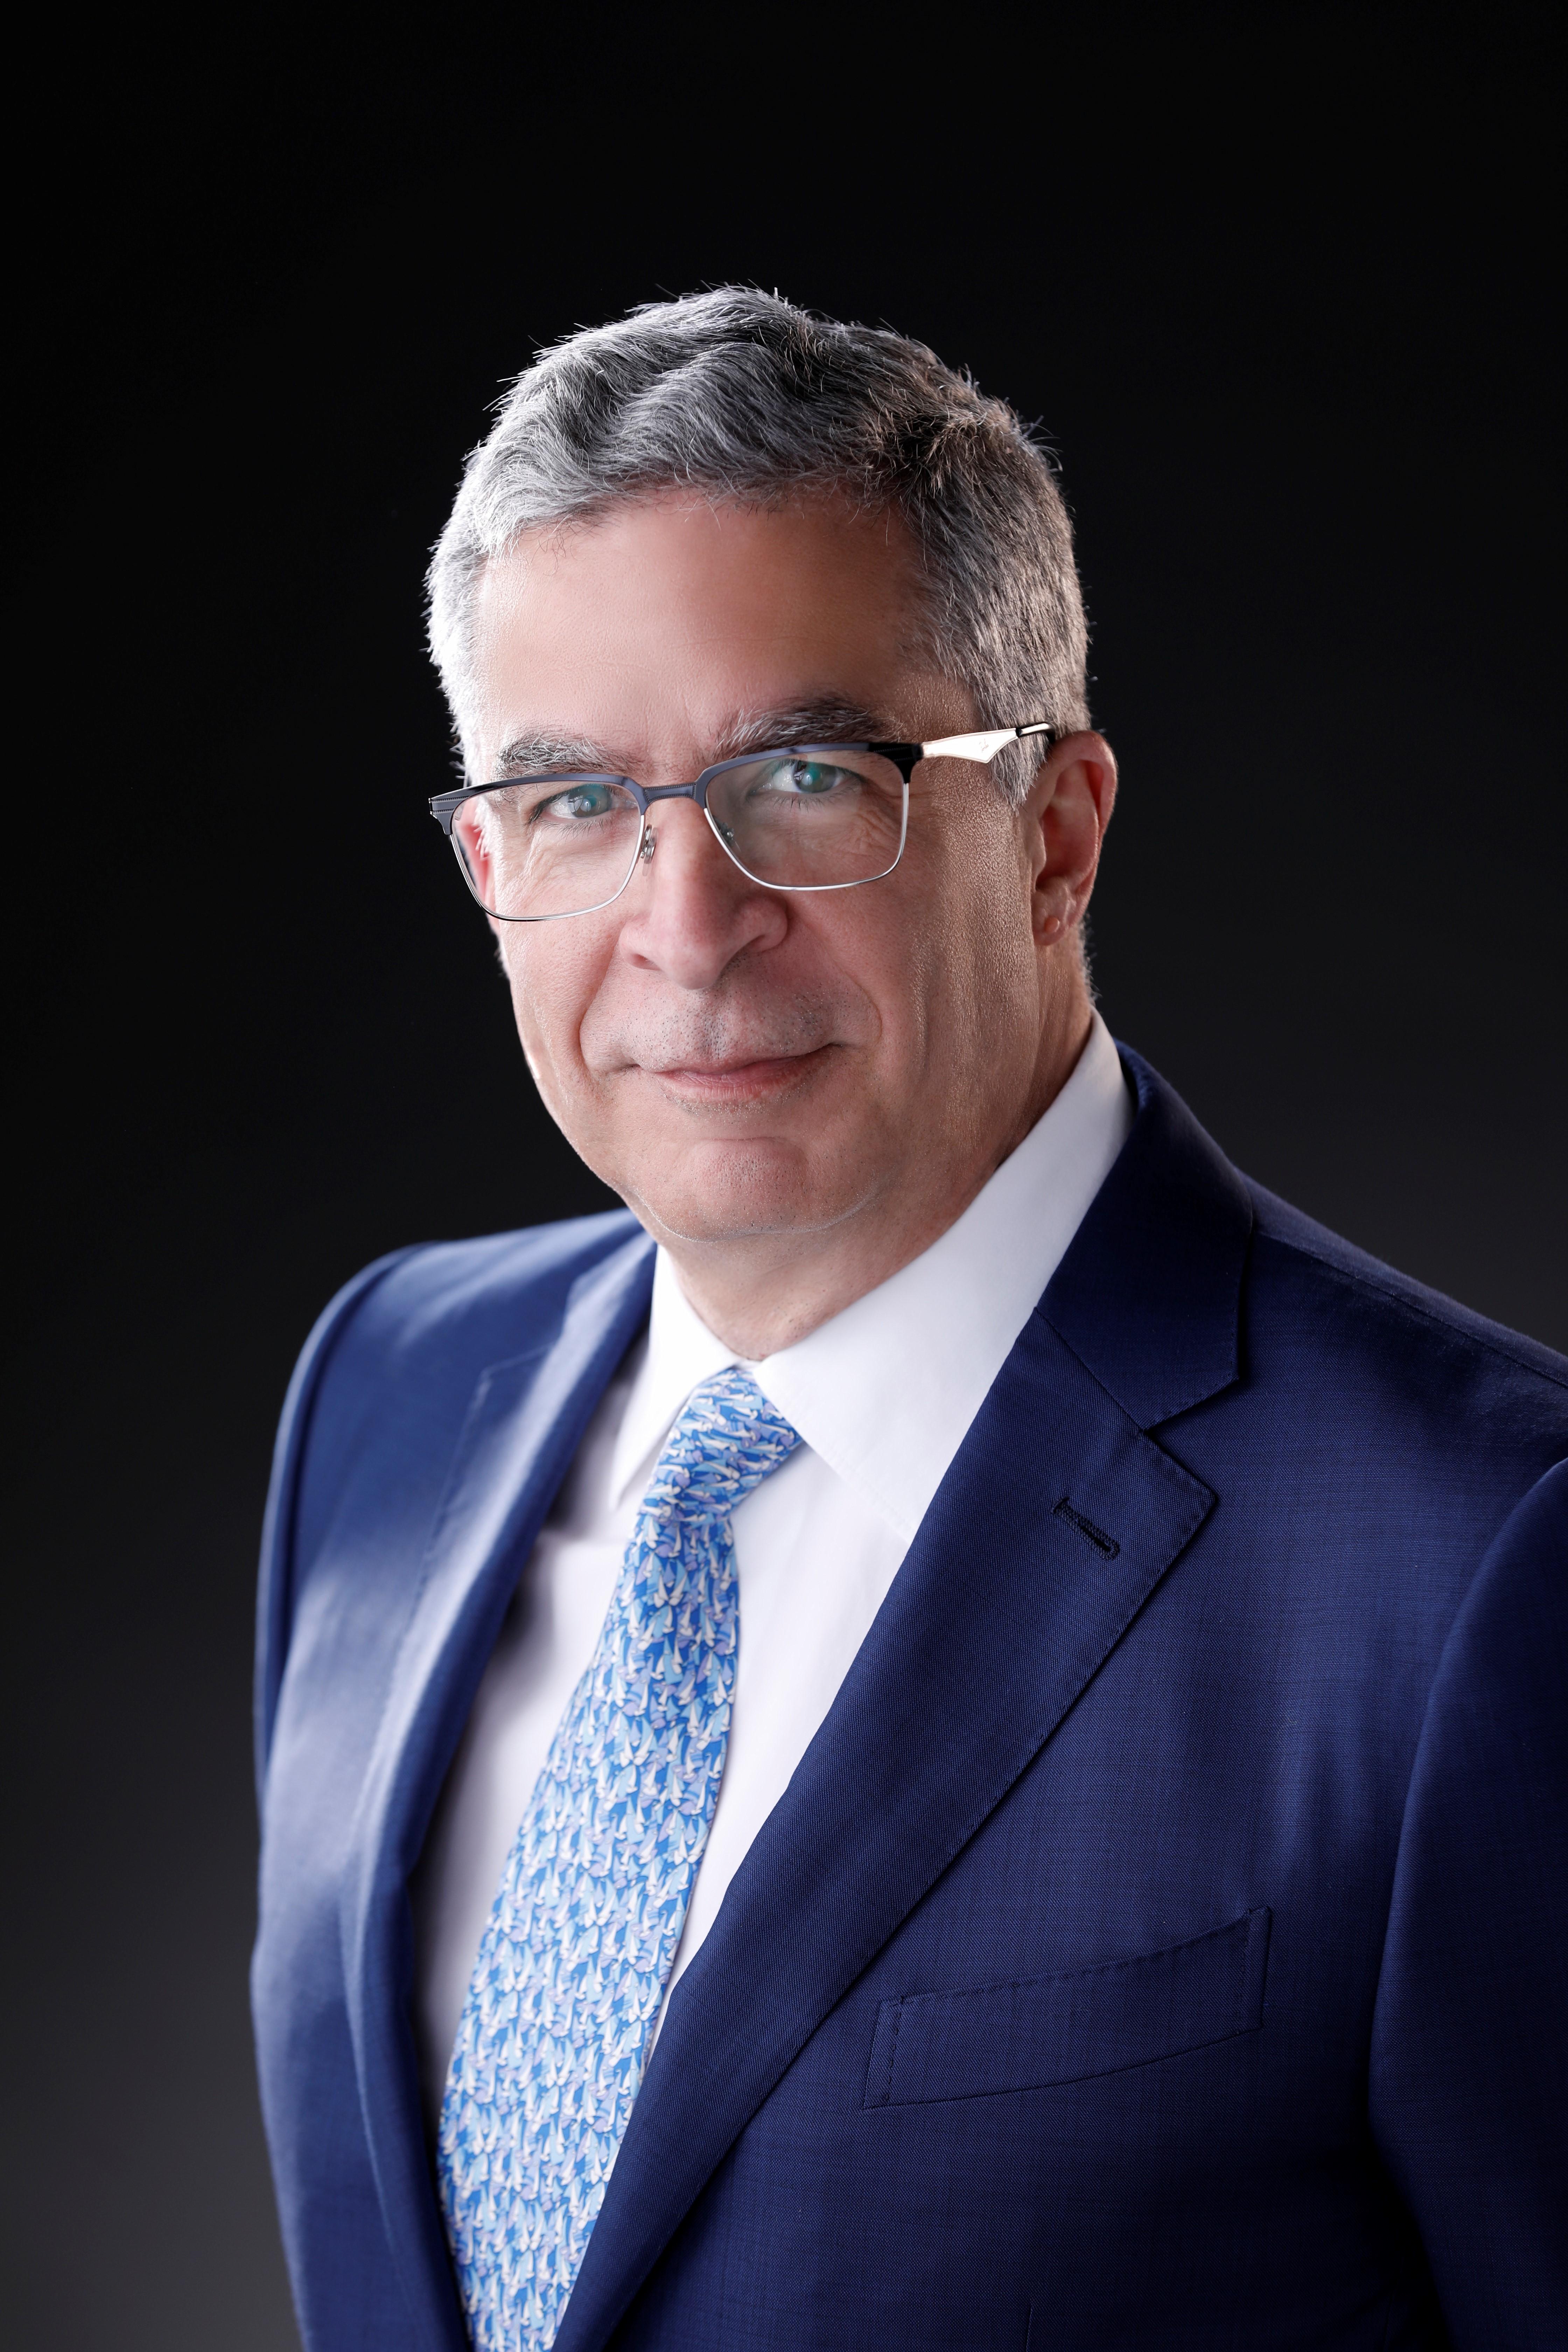 Luis Rafael Pellerano es reconocido como el abogado más respetado e influyente en Centro América y El Caribe por Who's Who Legal